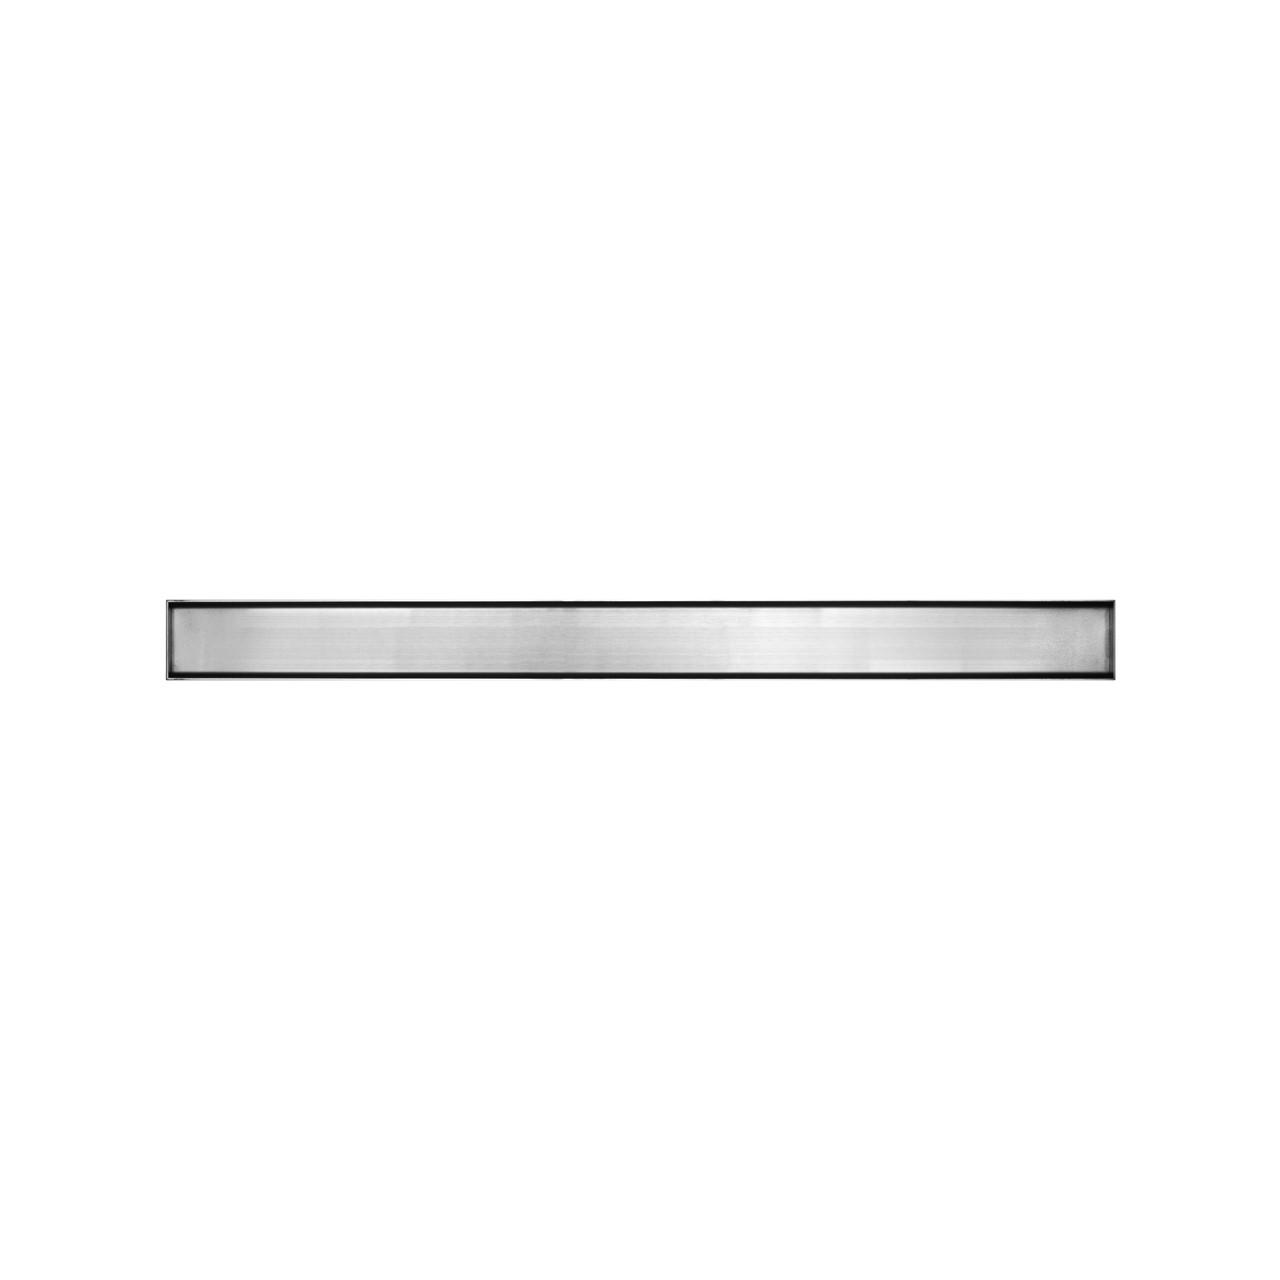 """Душевой канал Inox Style из нержавеющей стали 885 мм с горизонтальным фланцемс решеткой """"Под натуральный камень"""" L88510"""